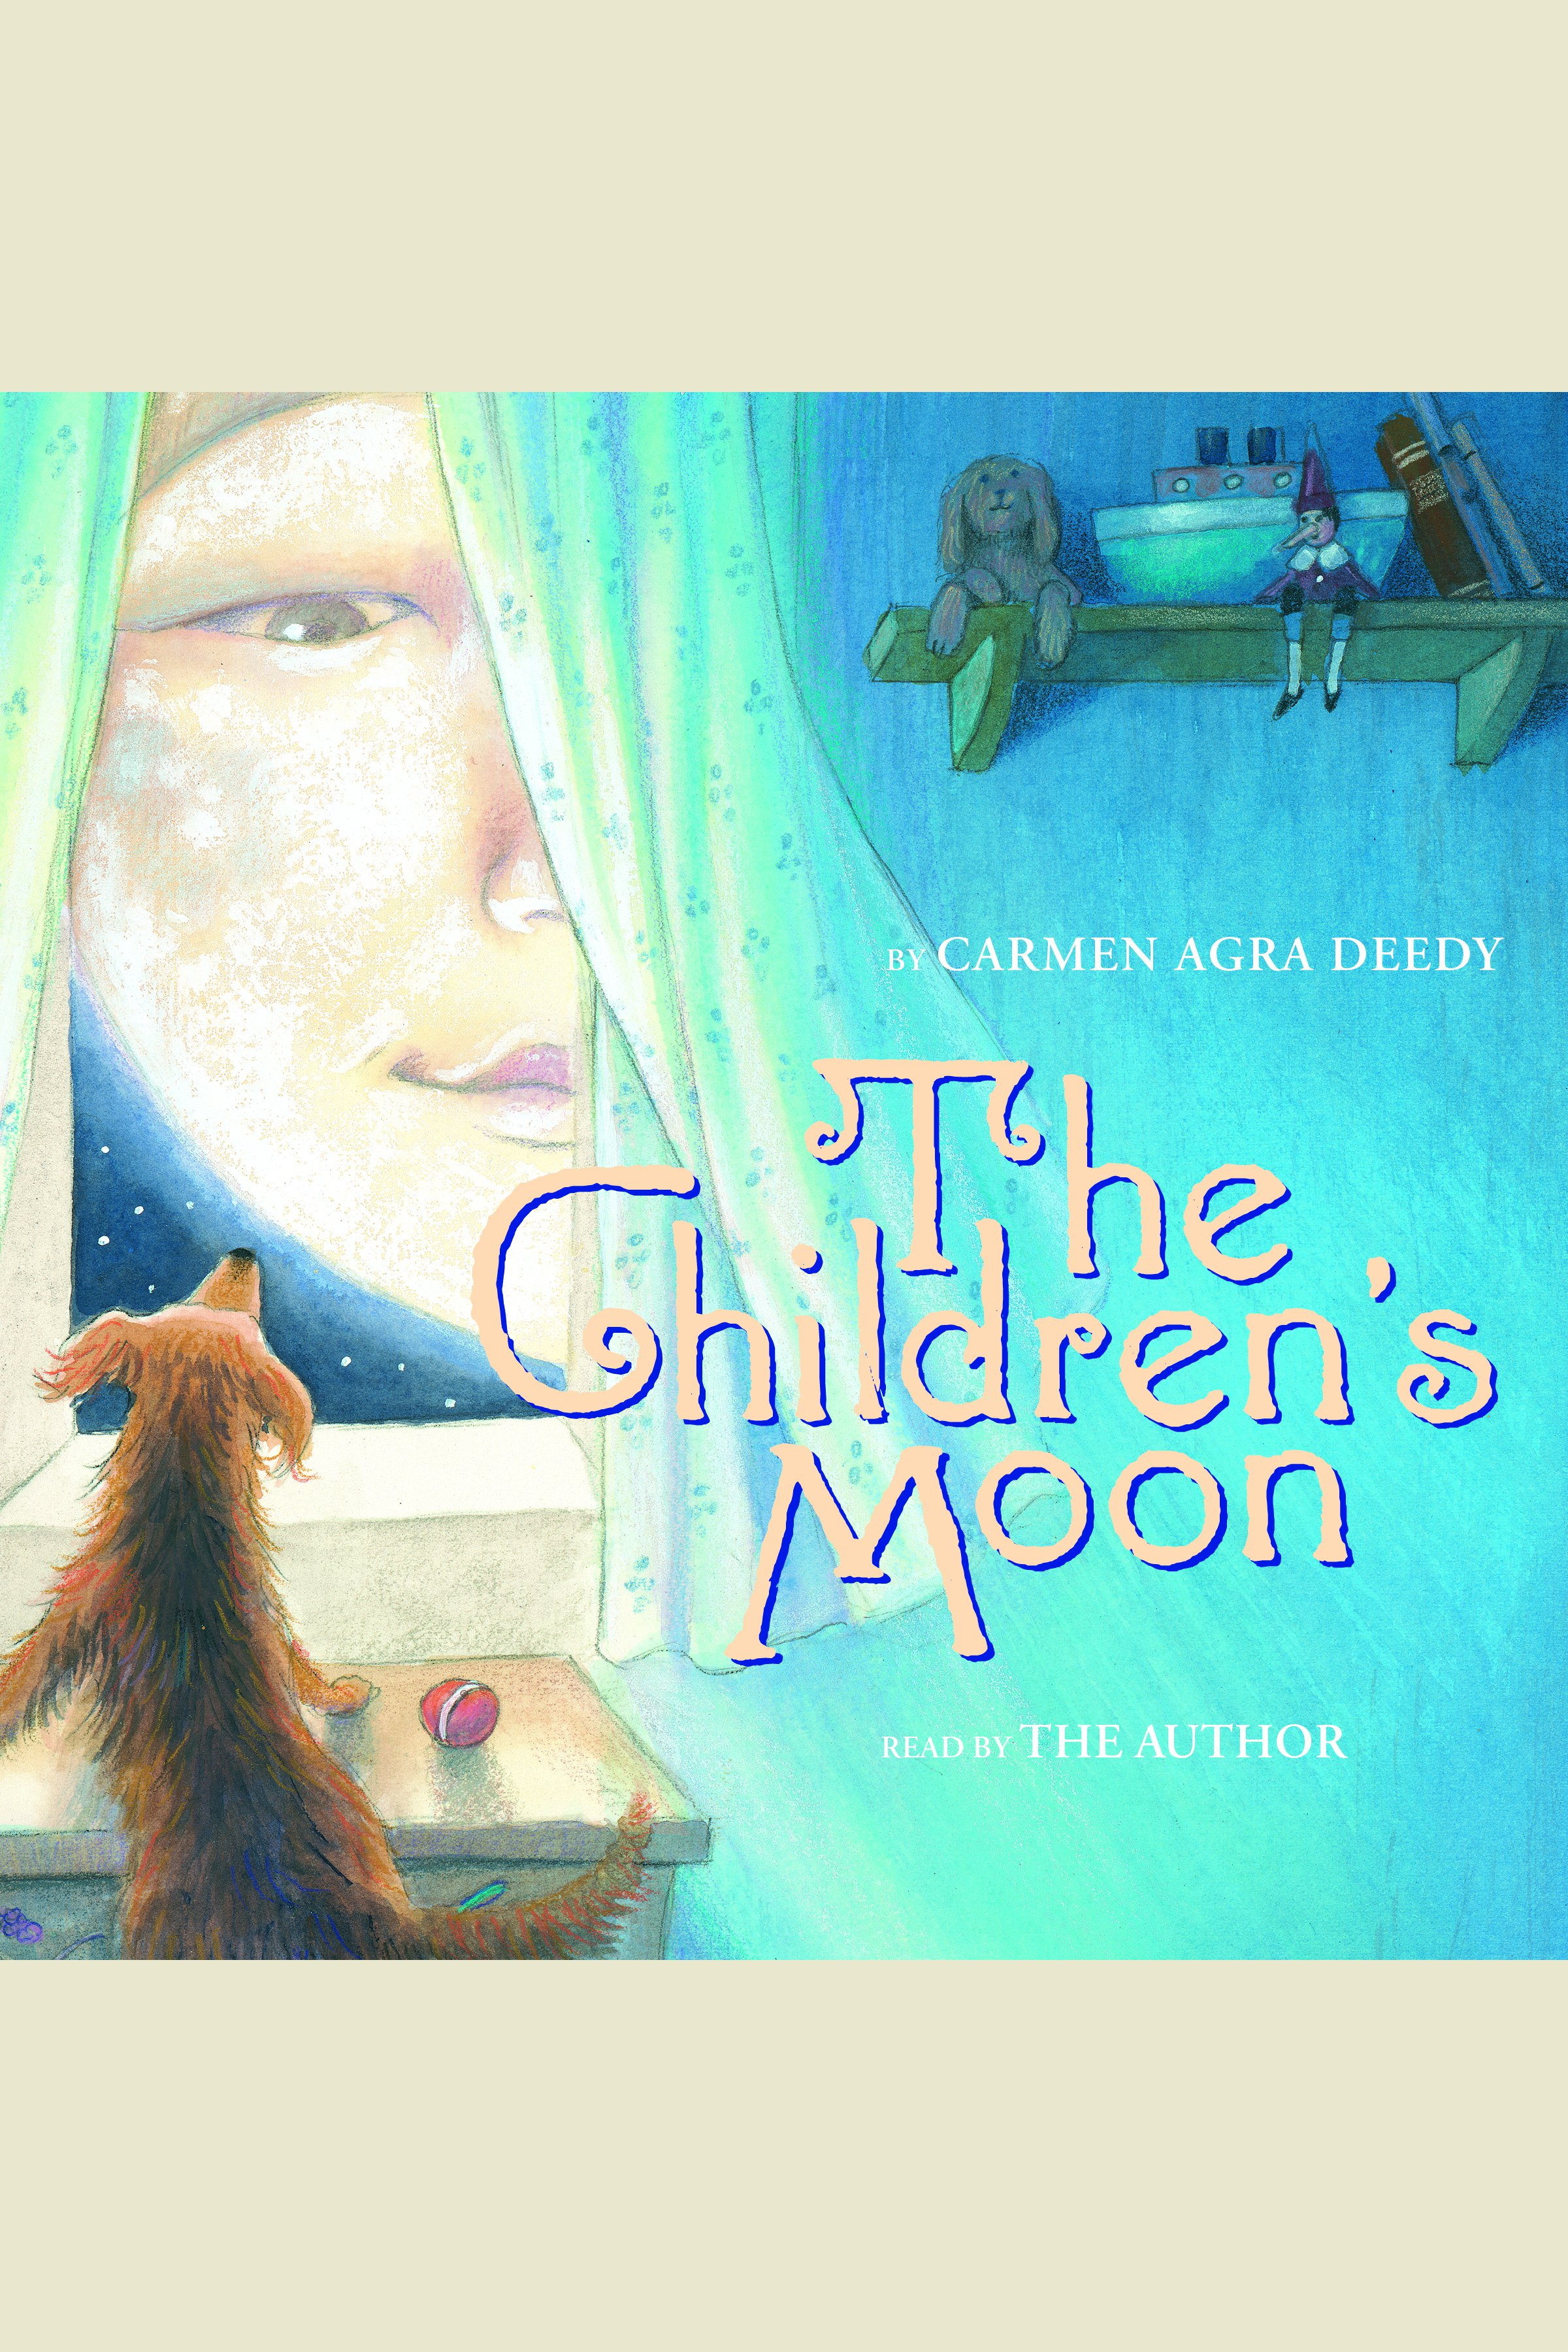 Children's Moon, The